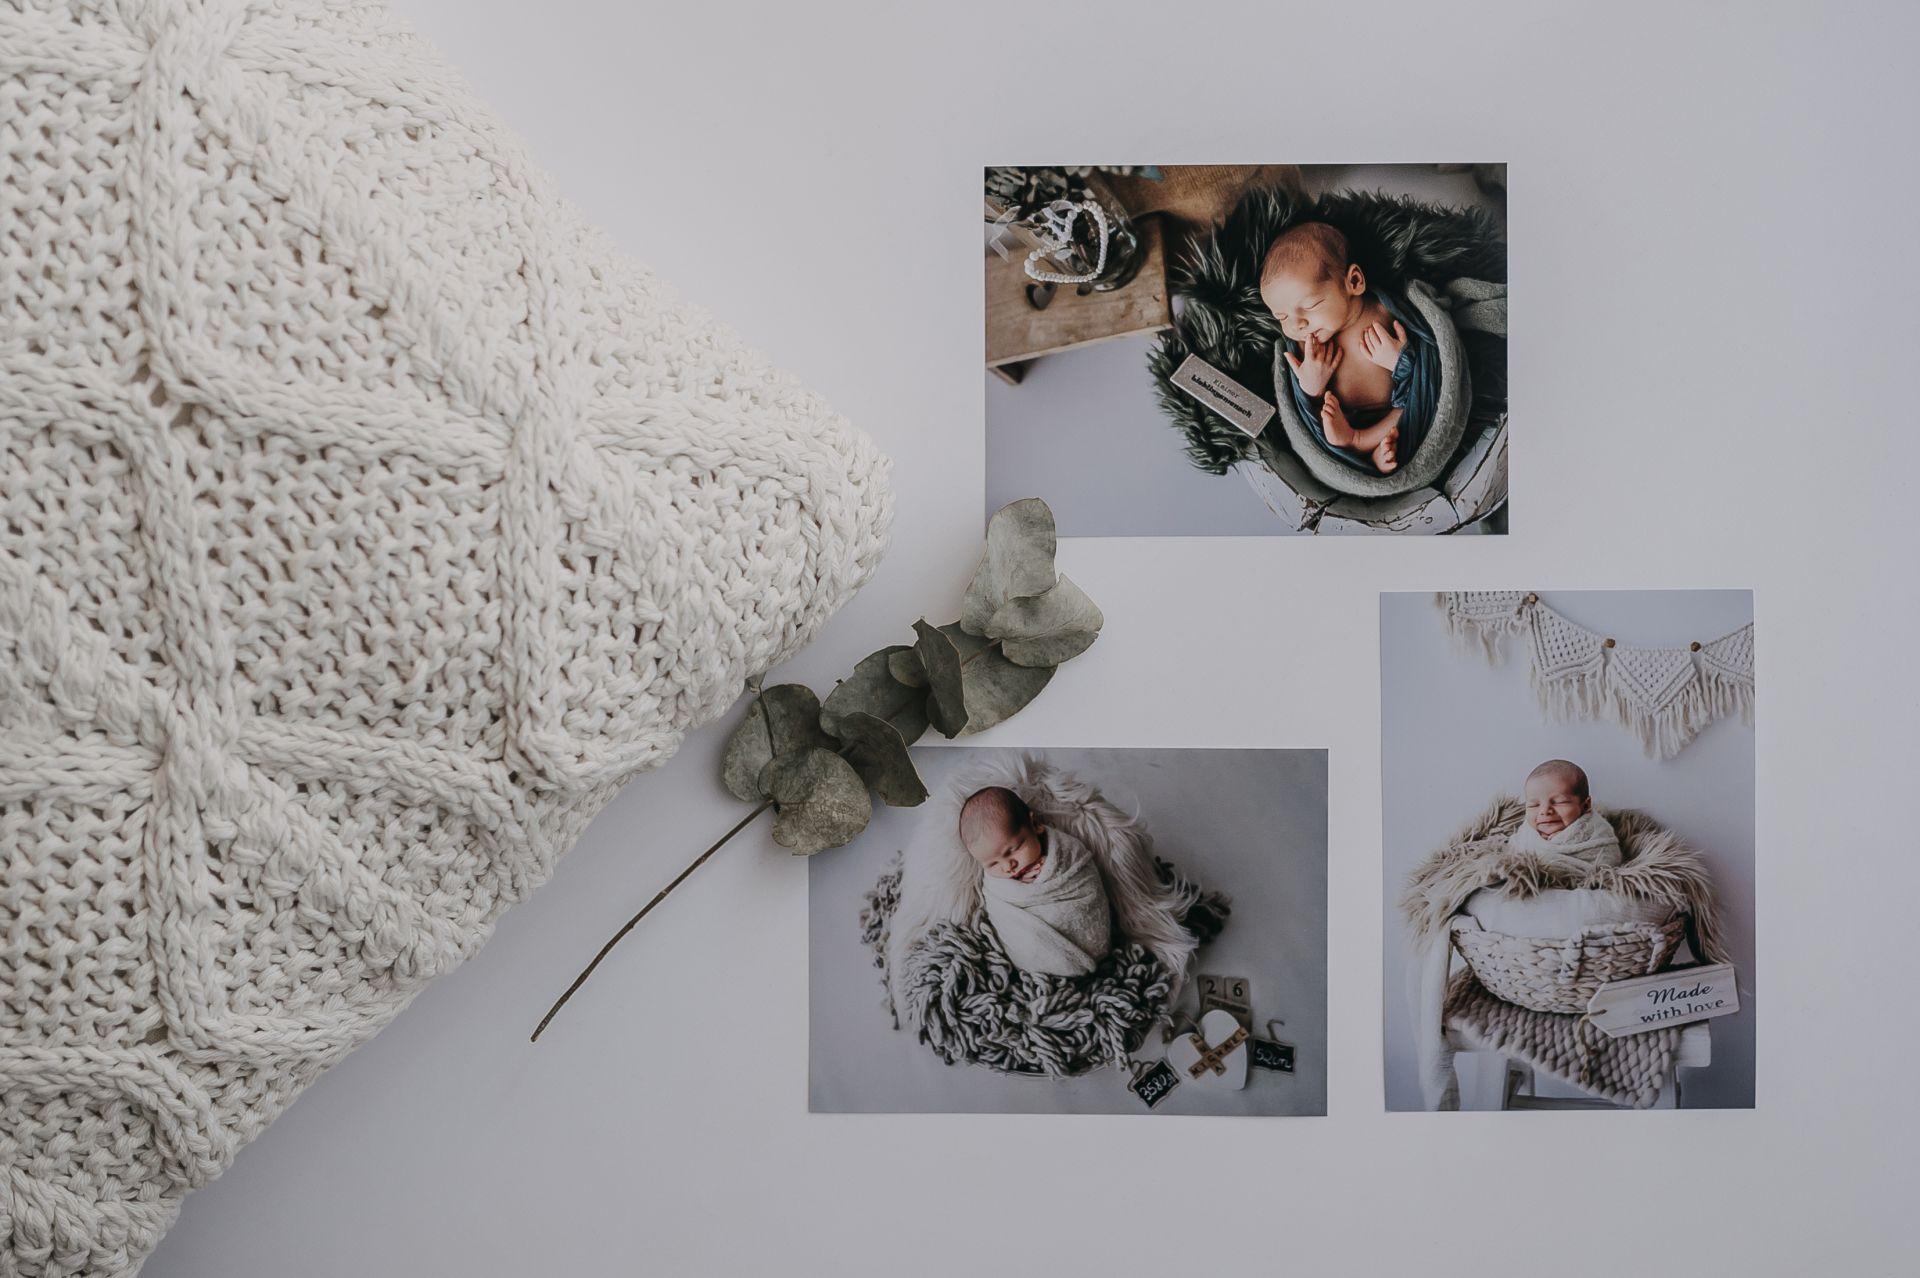 www.fotografie-km.de-Fotografie-Katharina-müller-Leistungen-USD-Sticks-Pakete-Fotoprodukte-Porträtfotografie